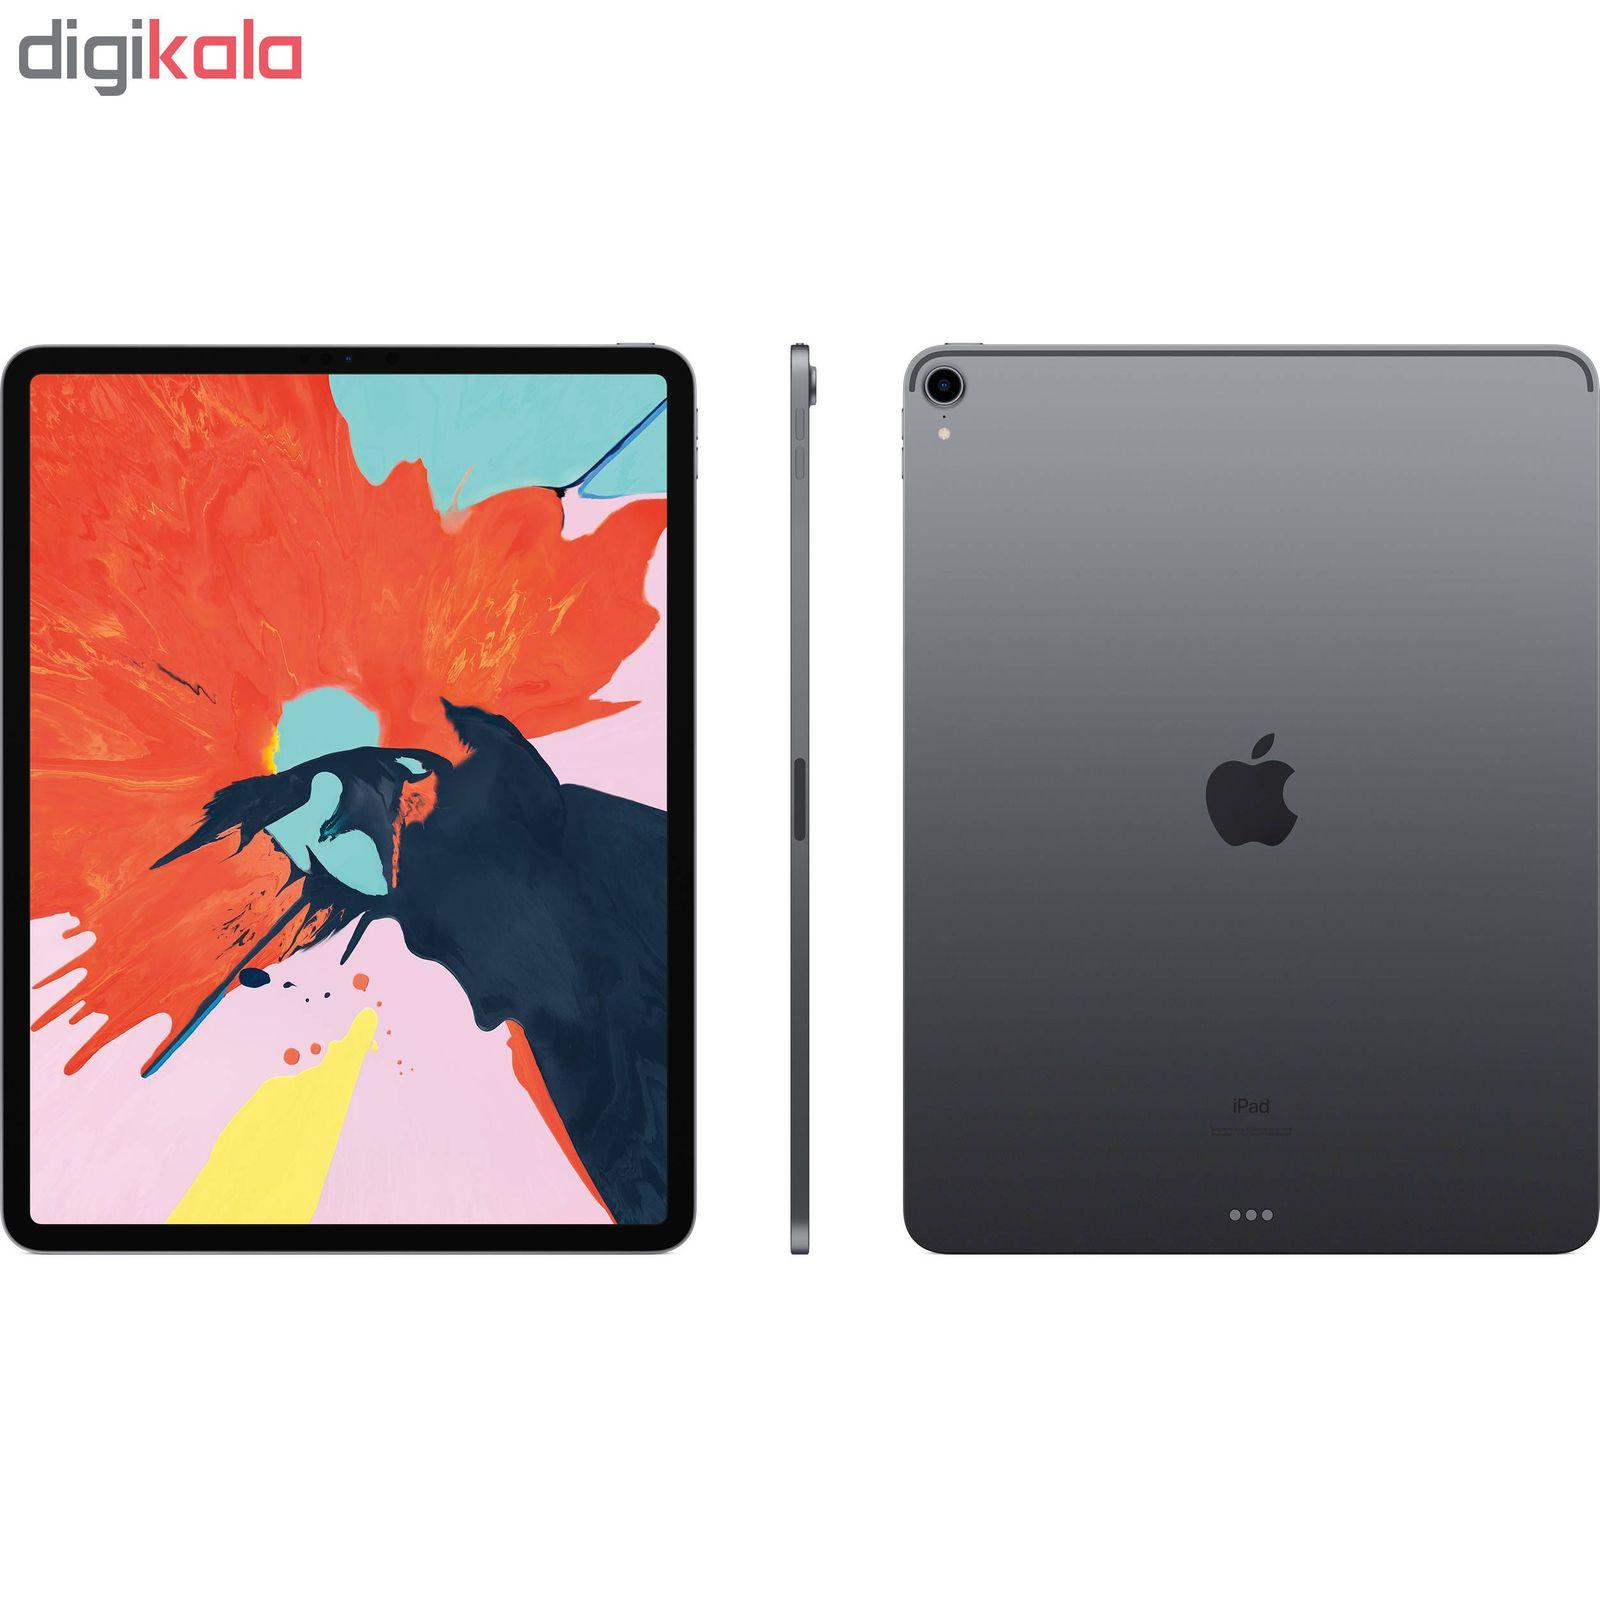 تبلت اپل مدل iPad Pro 2018 12.9 inch 4G ظرفیت 1 ترابایت main 1 6